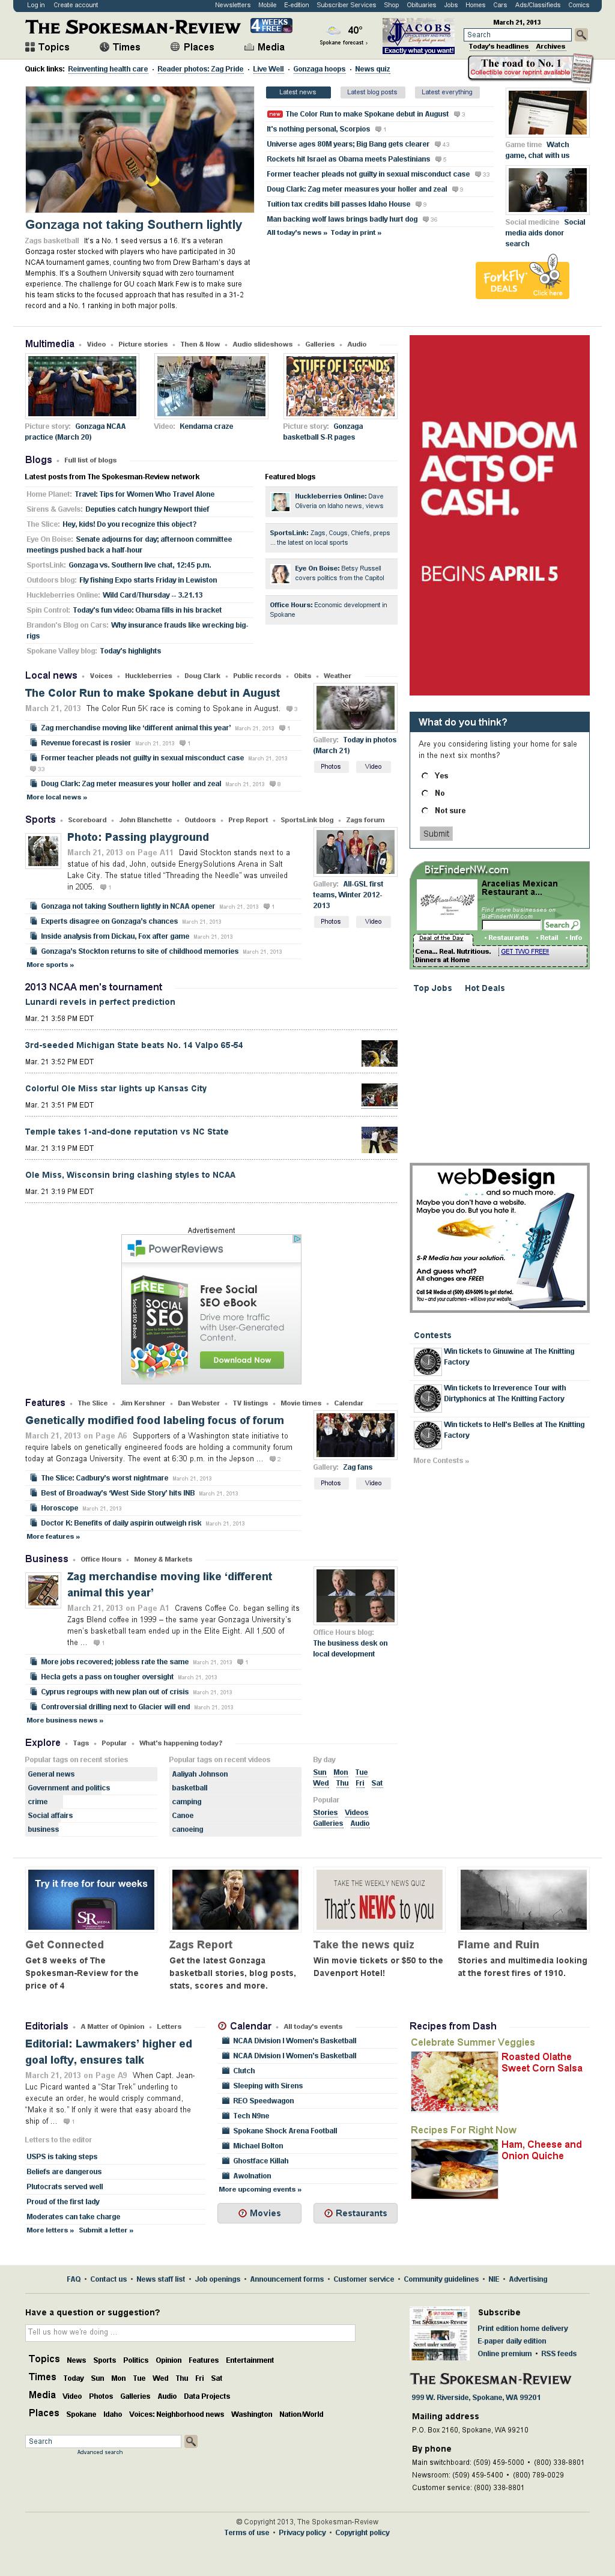 The (Spokane) Spokesman-Review at Thursday March 21, 2013, 8:21 p.m. UTC